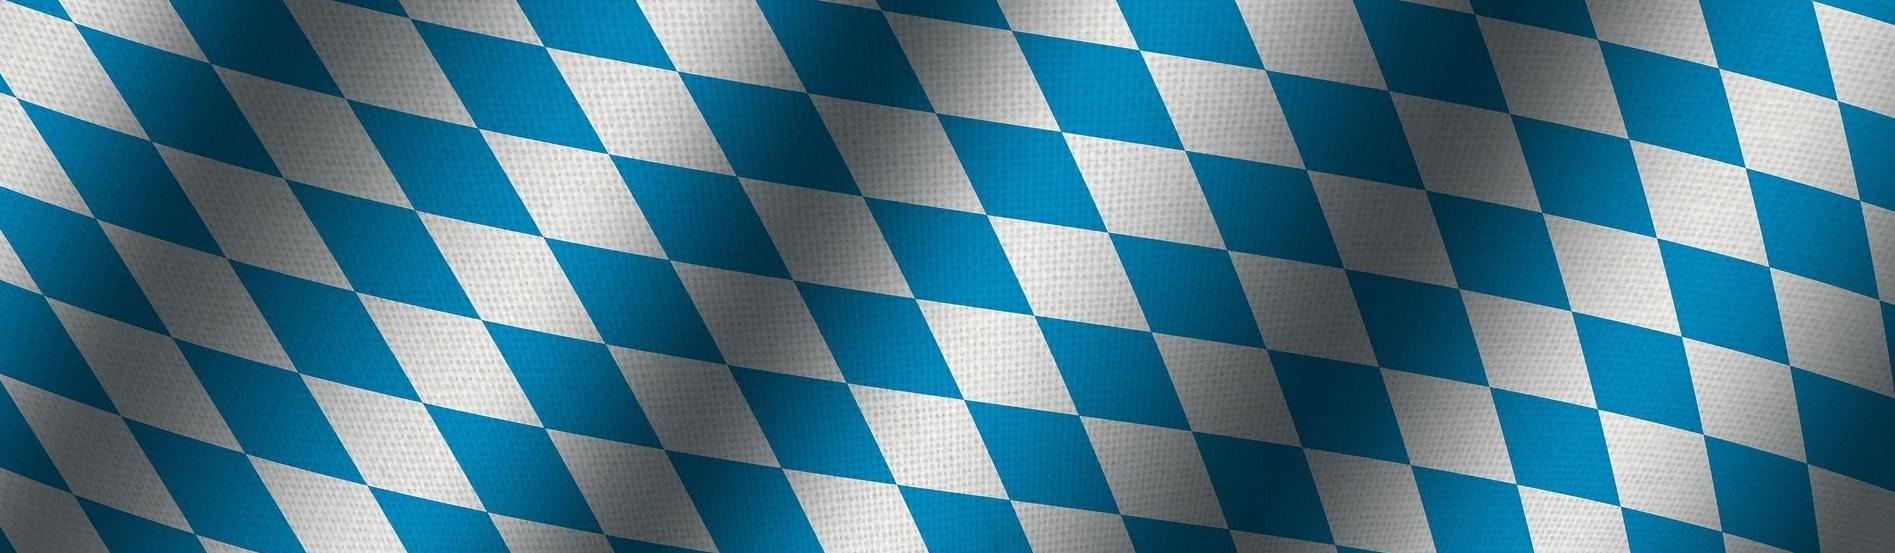 bavaria-829130_1920(3).jpg